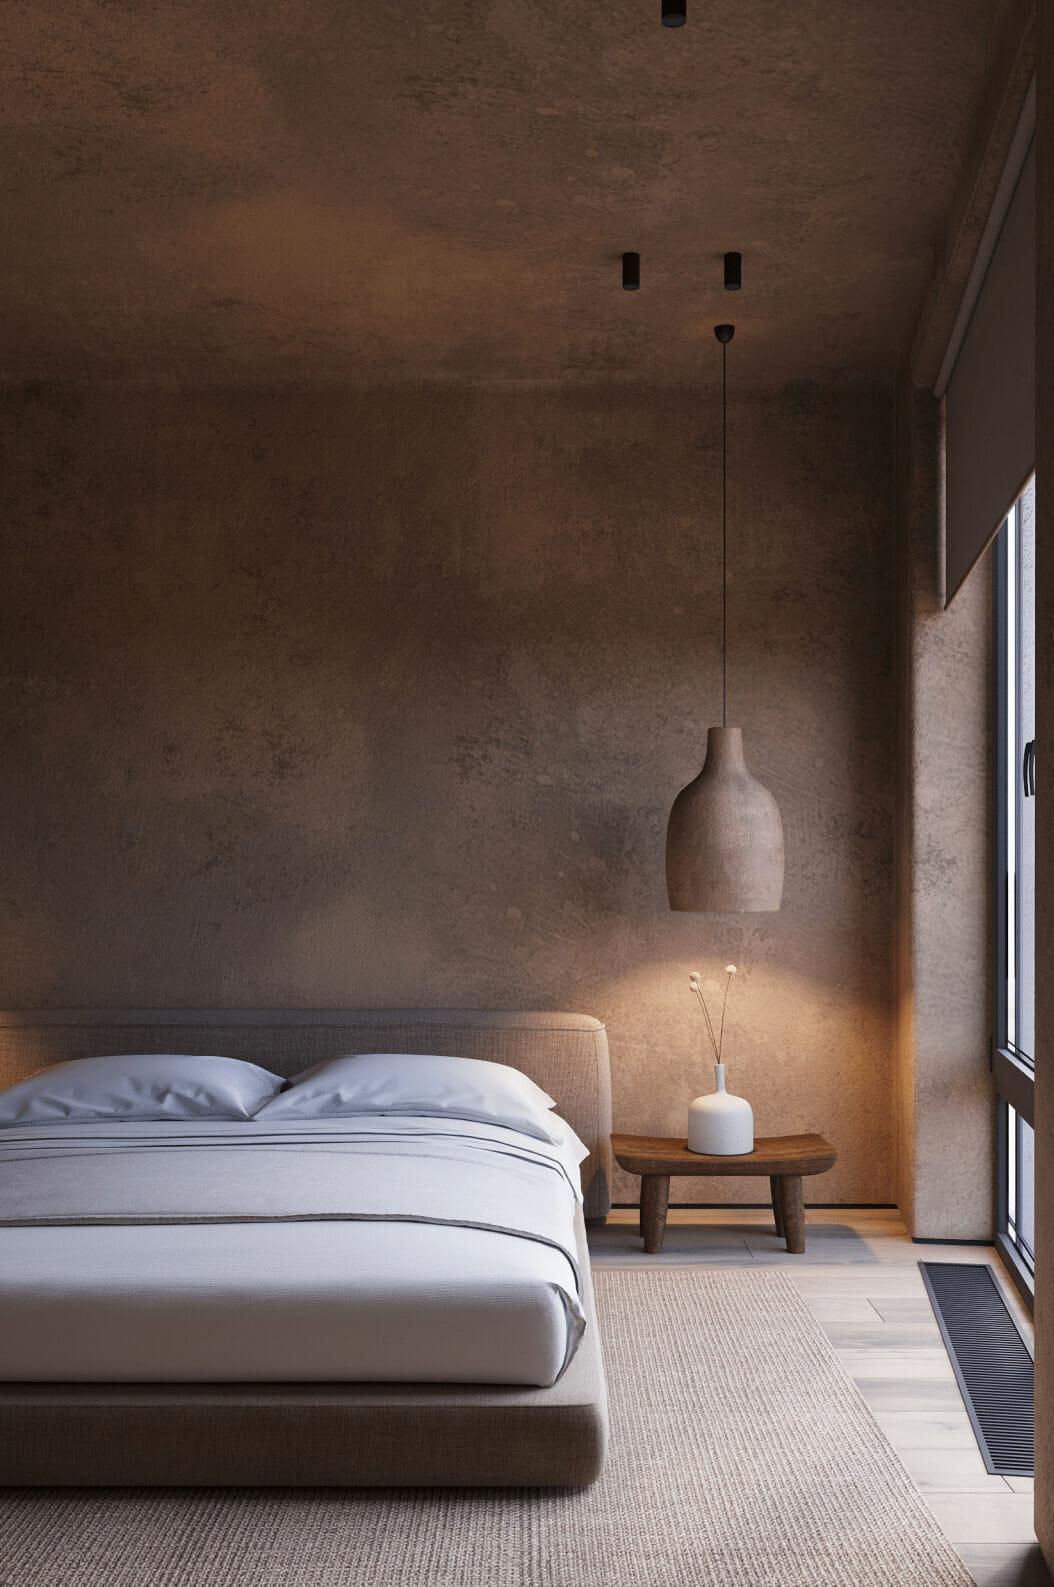 hình ảnh một góc phòng ngủ với giường thấp, đầu giường trang trí bình gốm trắng, đèn thả